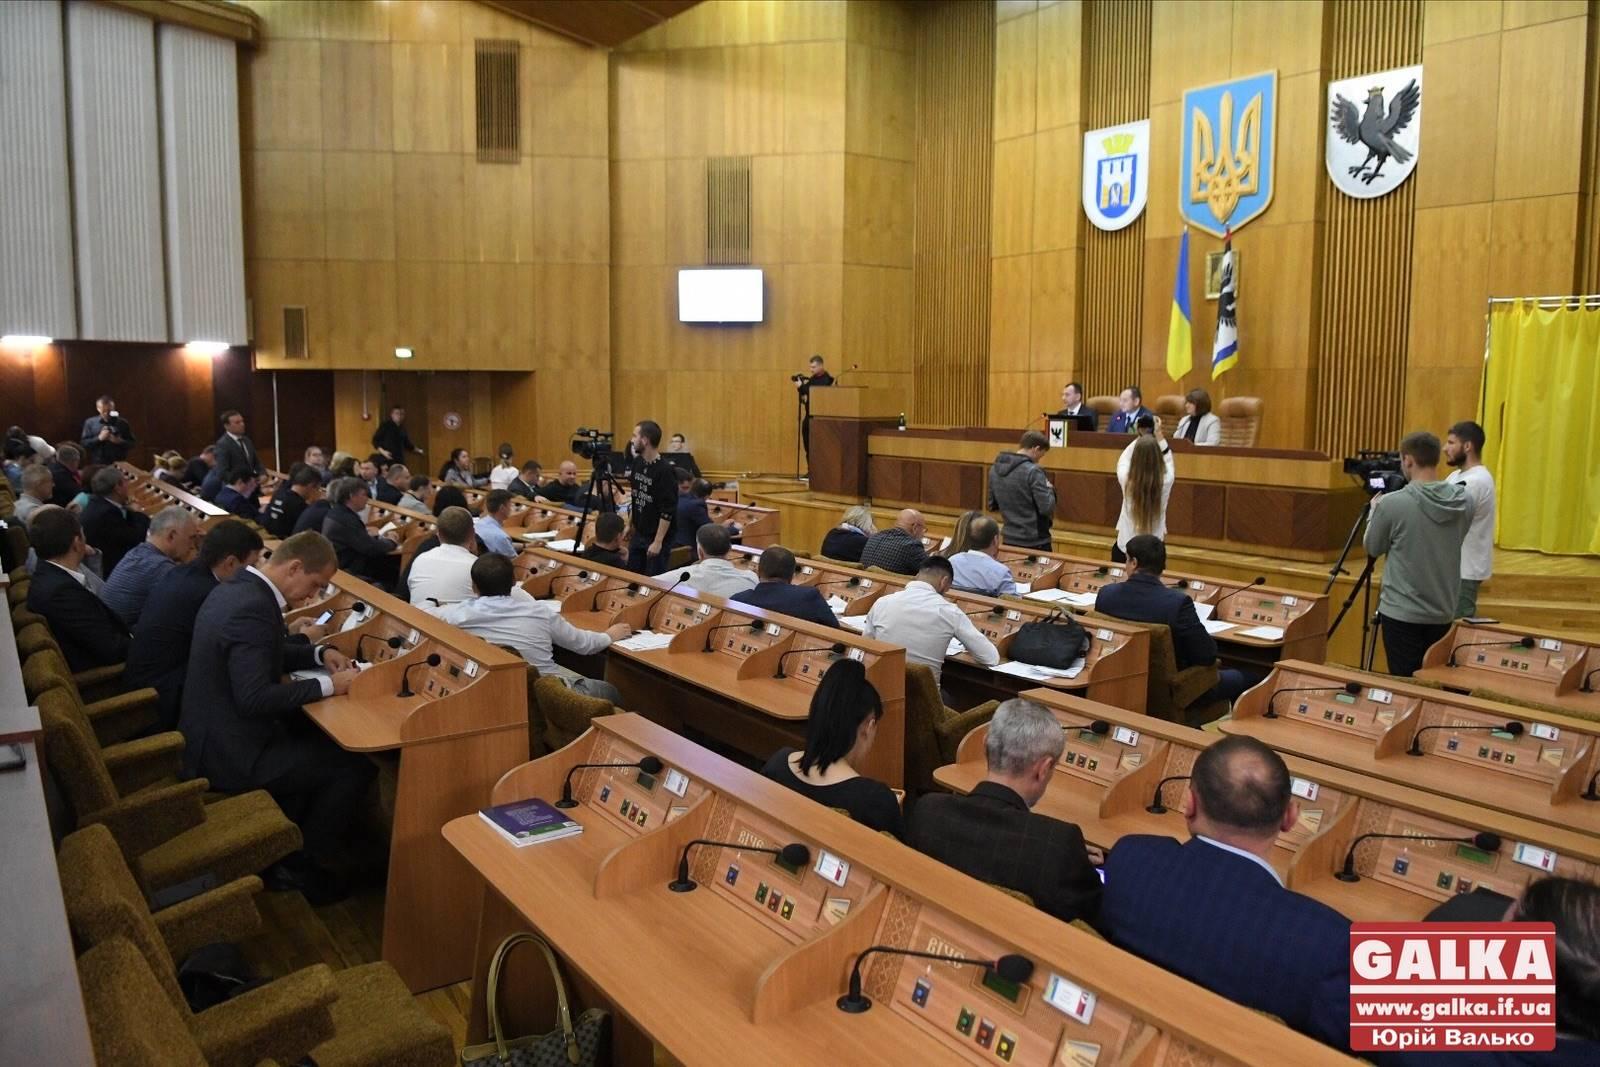 """""""Торгівля землею може перетворити Україну на сировинну колонію"""". Депутати міськради вимагають у президента й уряду заборонити продаж землі іноземцям (ФОТО)"""